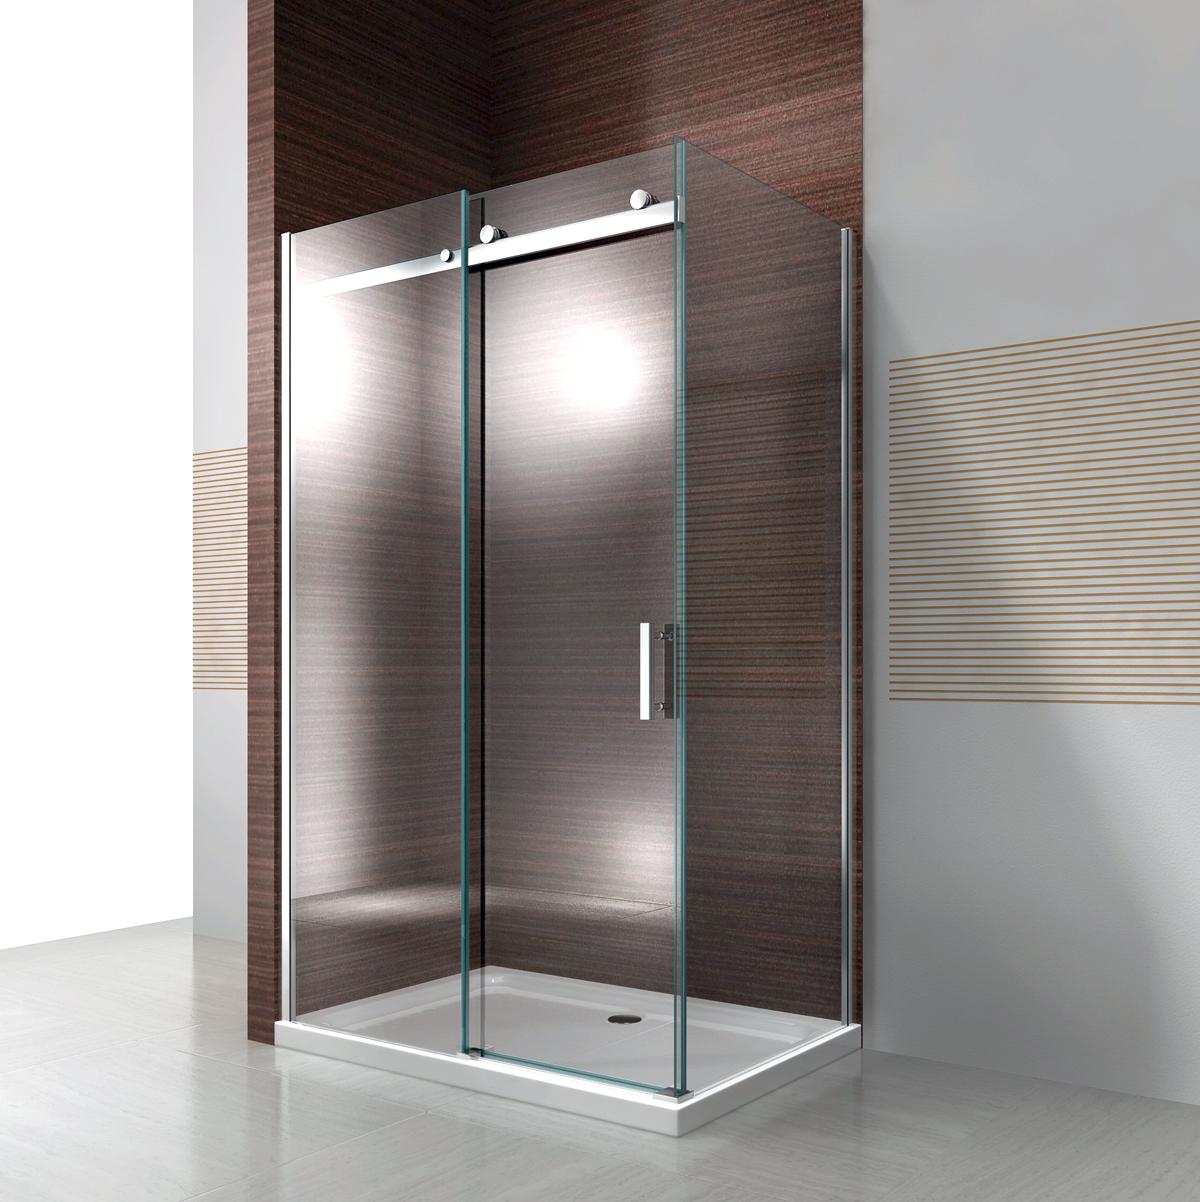 Duschabtrennung echtglas – Eckventil waschmaschine   {Duschabtrennung glas schiebetür 32}